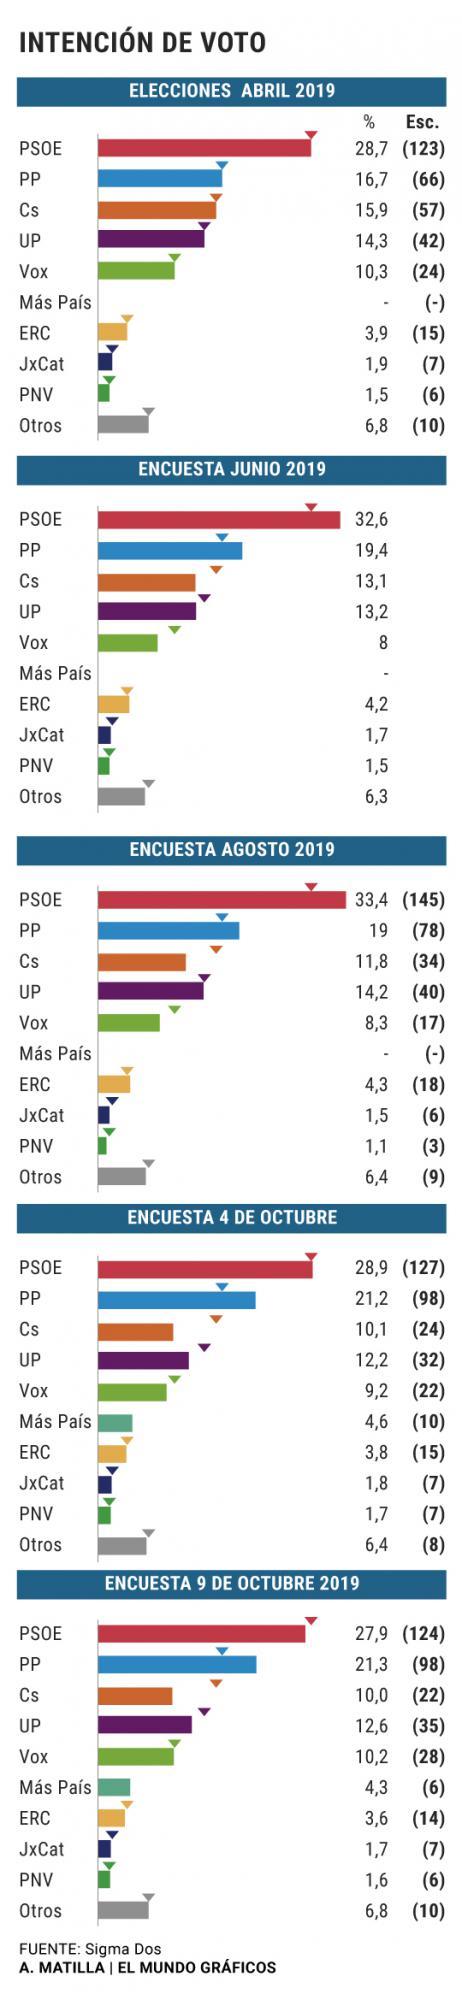 El PSOE baja tres escaños en cinco días y Vox relega a Ciudadanos a la quinta posición